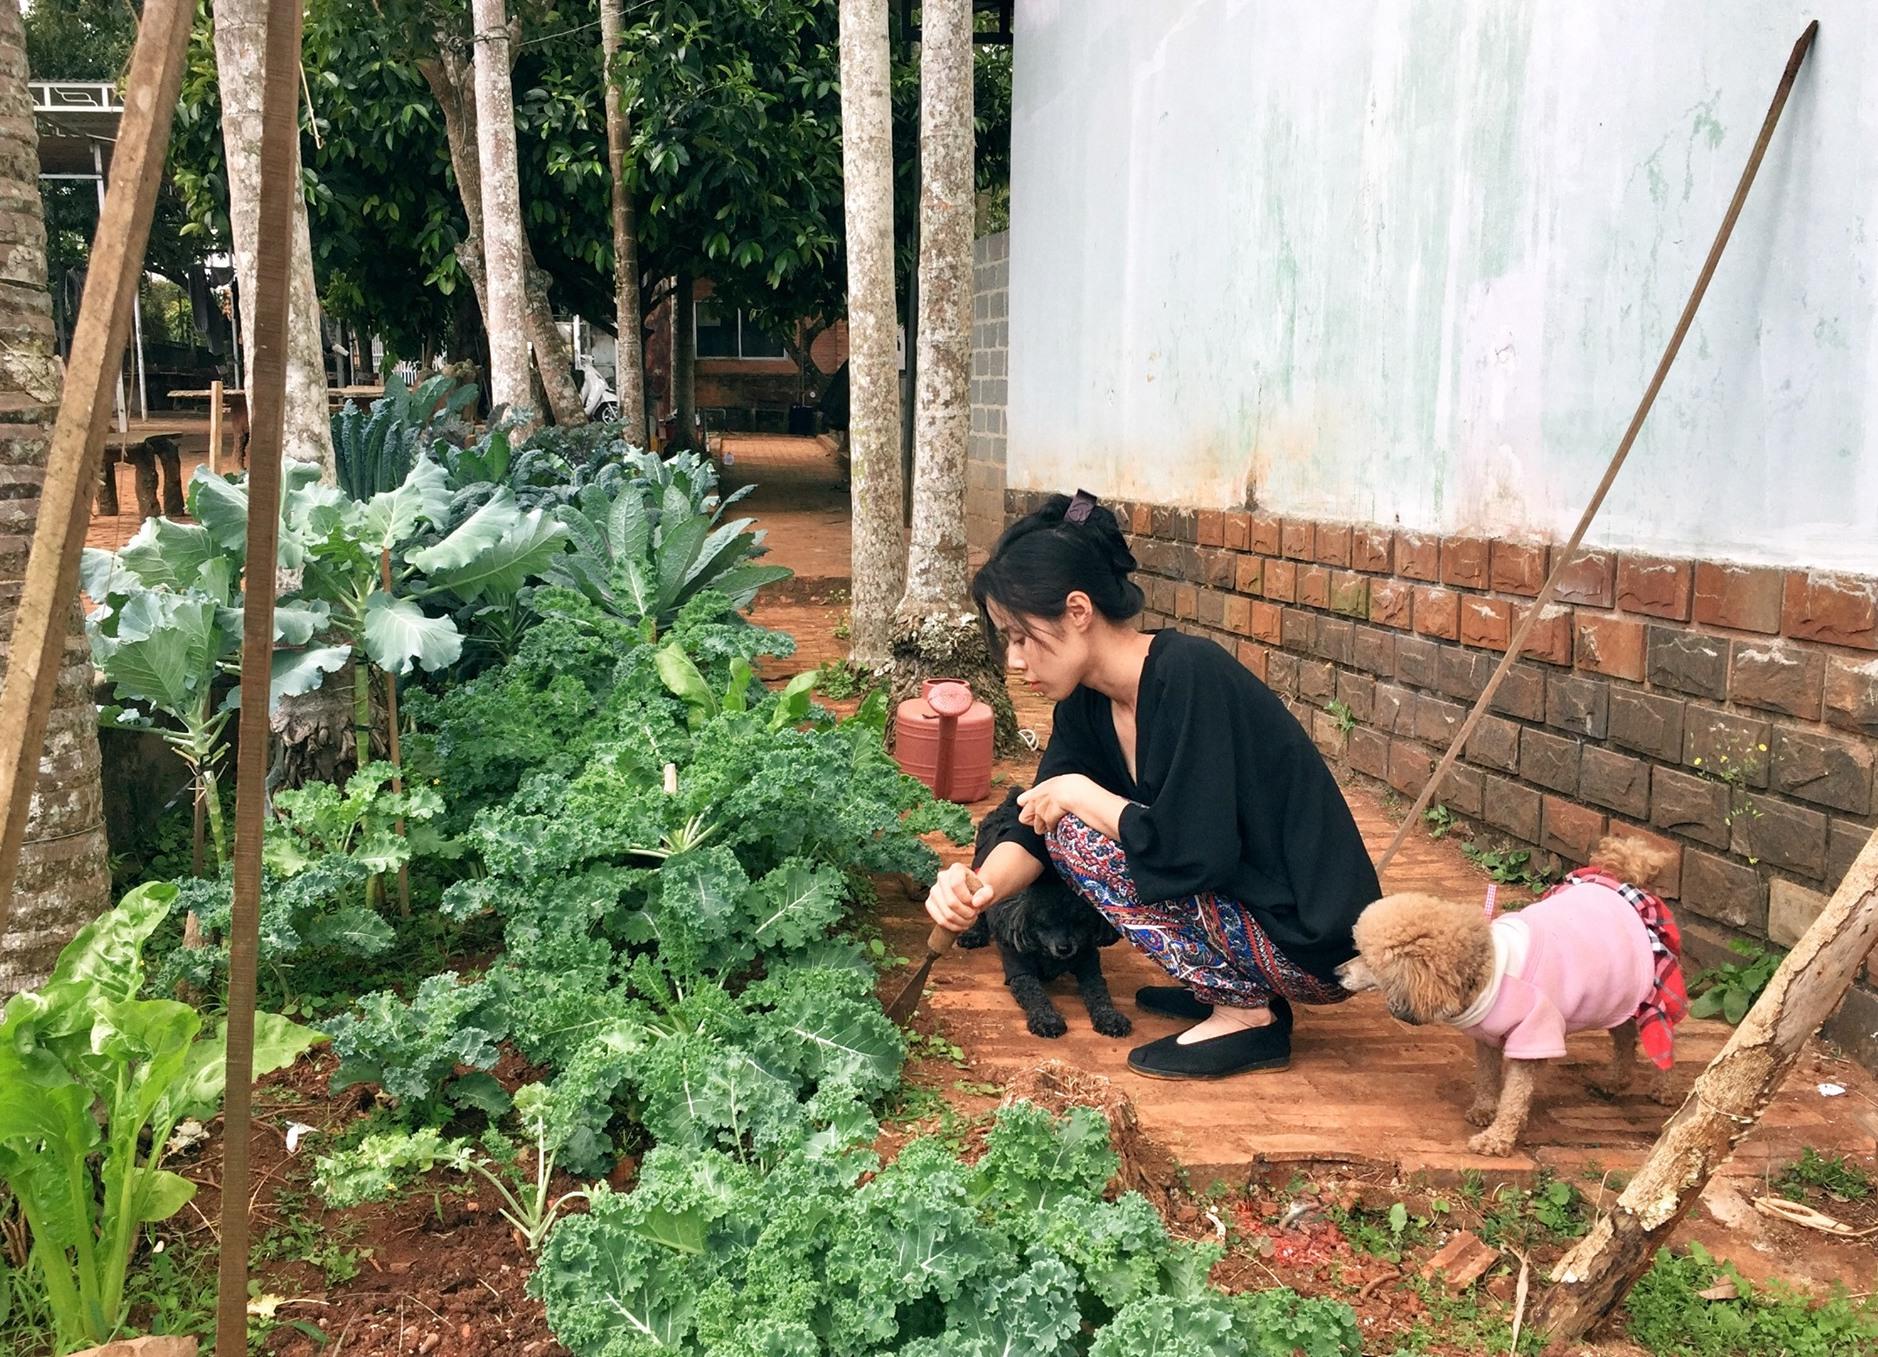 Ngôi nhà và vườn rau xanh của gia đình tại Đắk Lắk. Ảnh: NVCC.